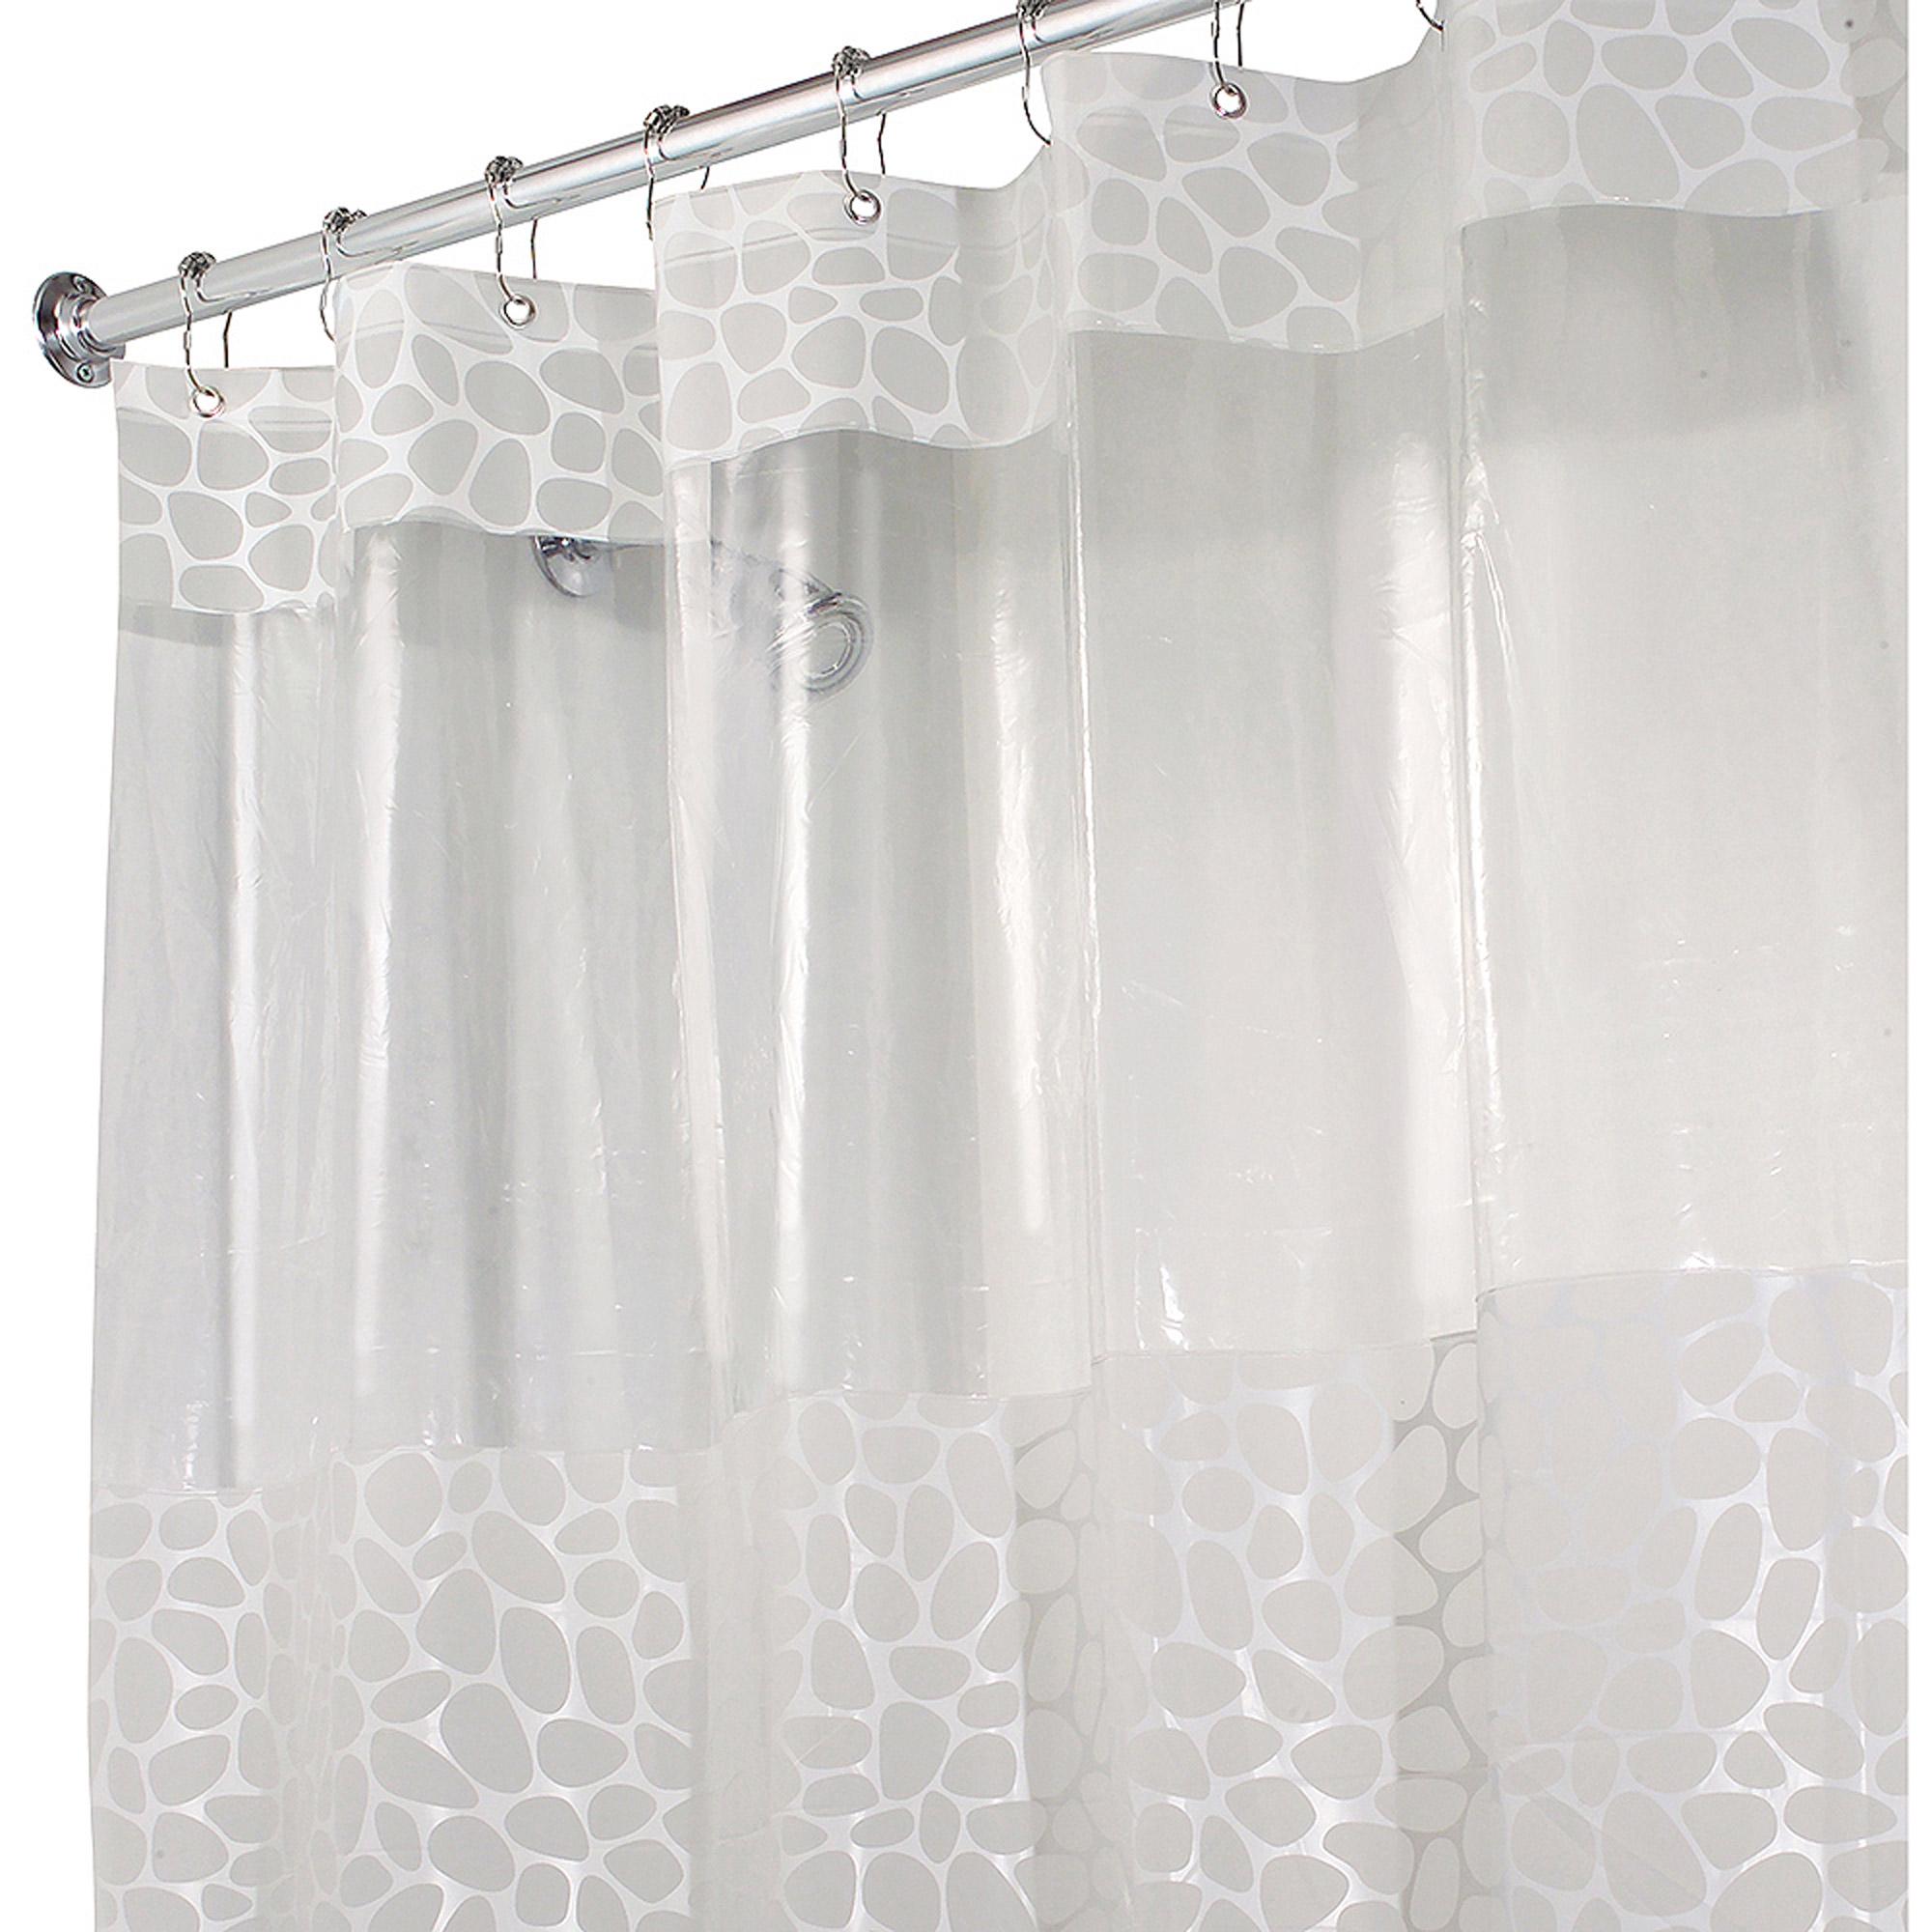 InterDesign Pebblz Shower Curtain